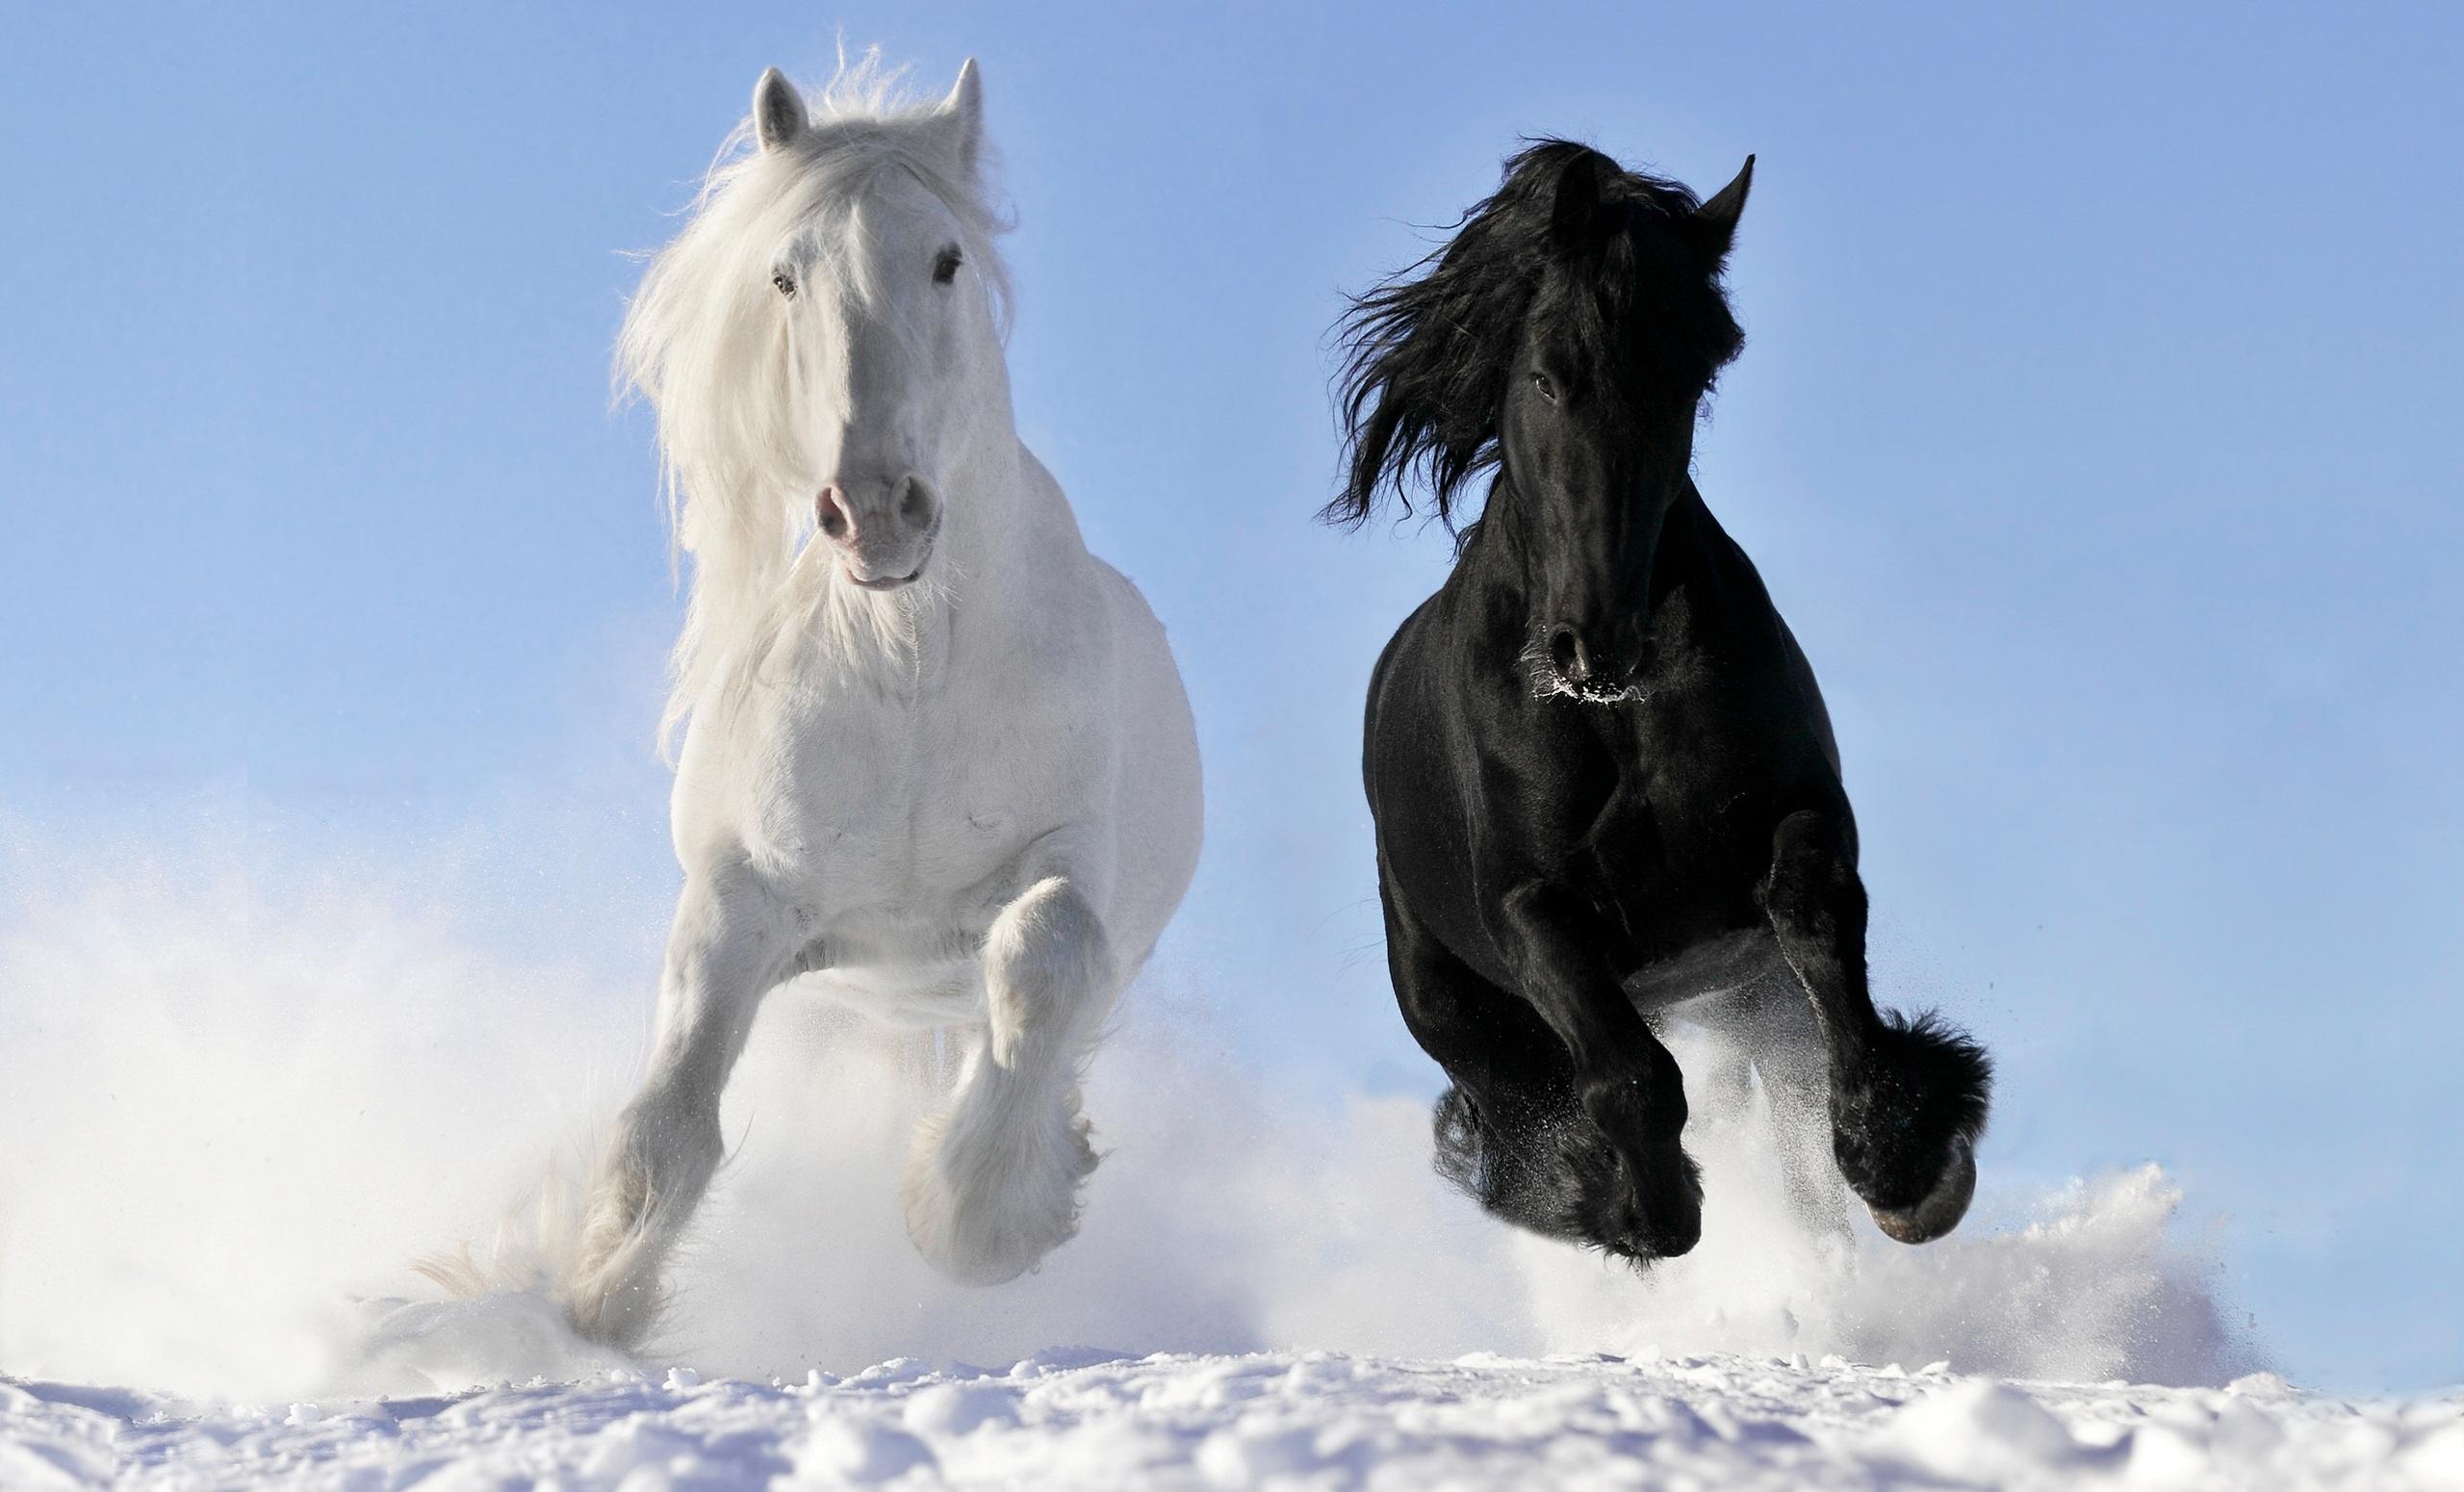 Caballo blanco y negro - 2560x1550